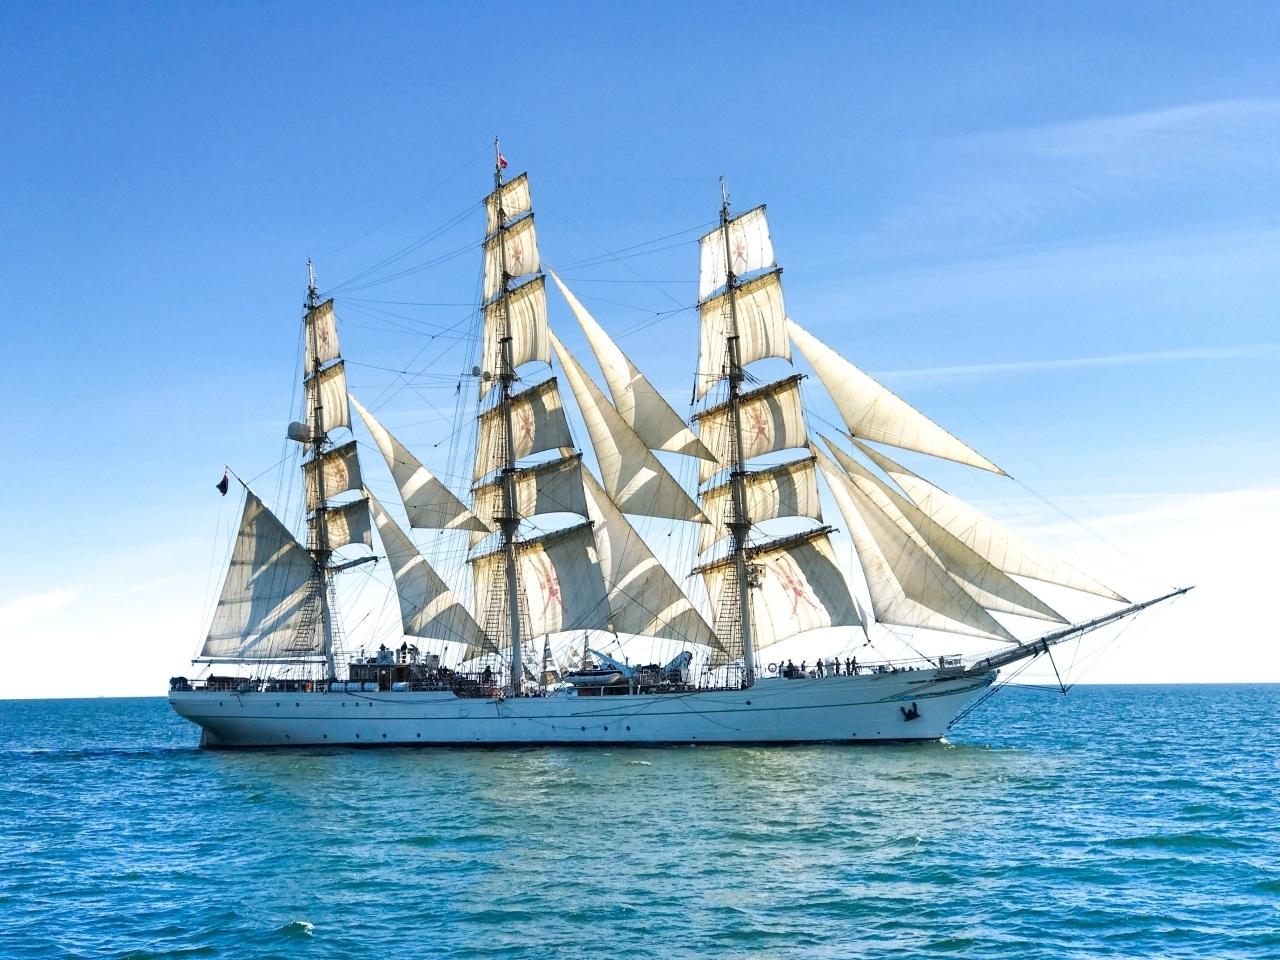 tall-ships-sailing-vacation